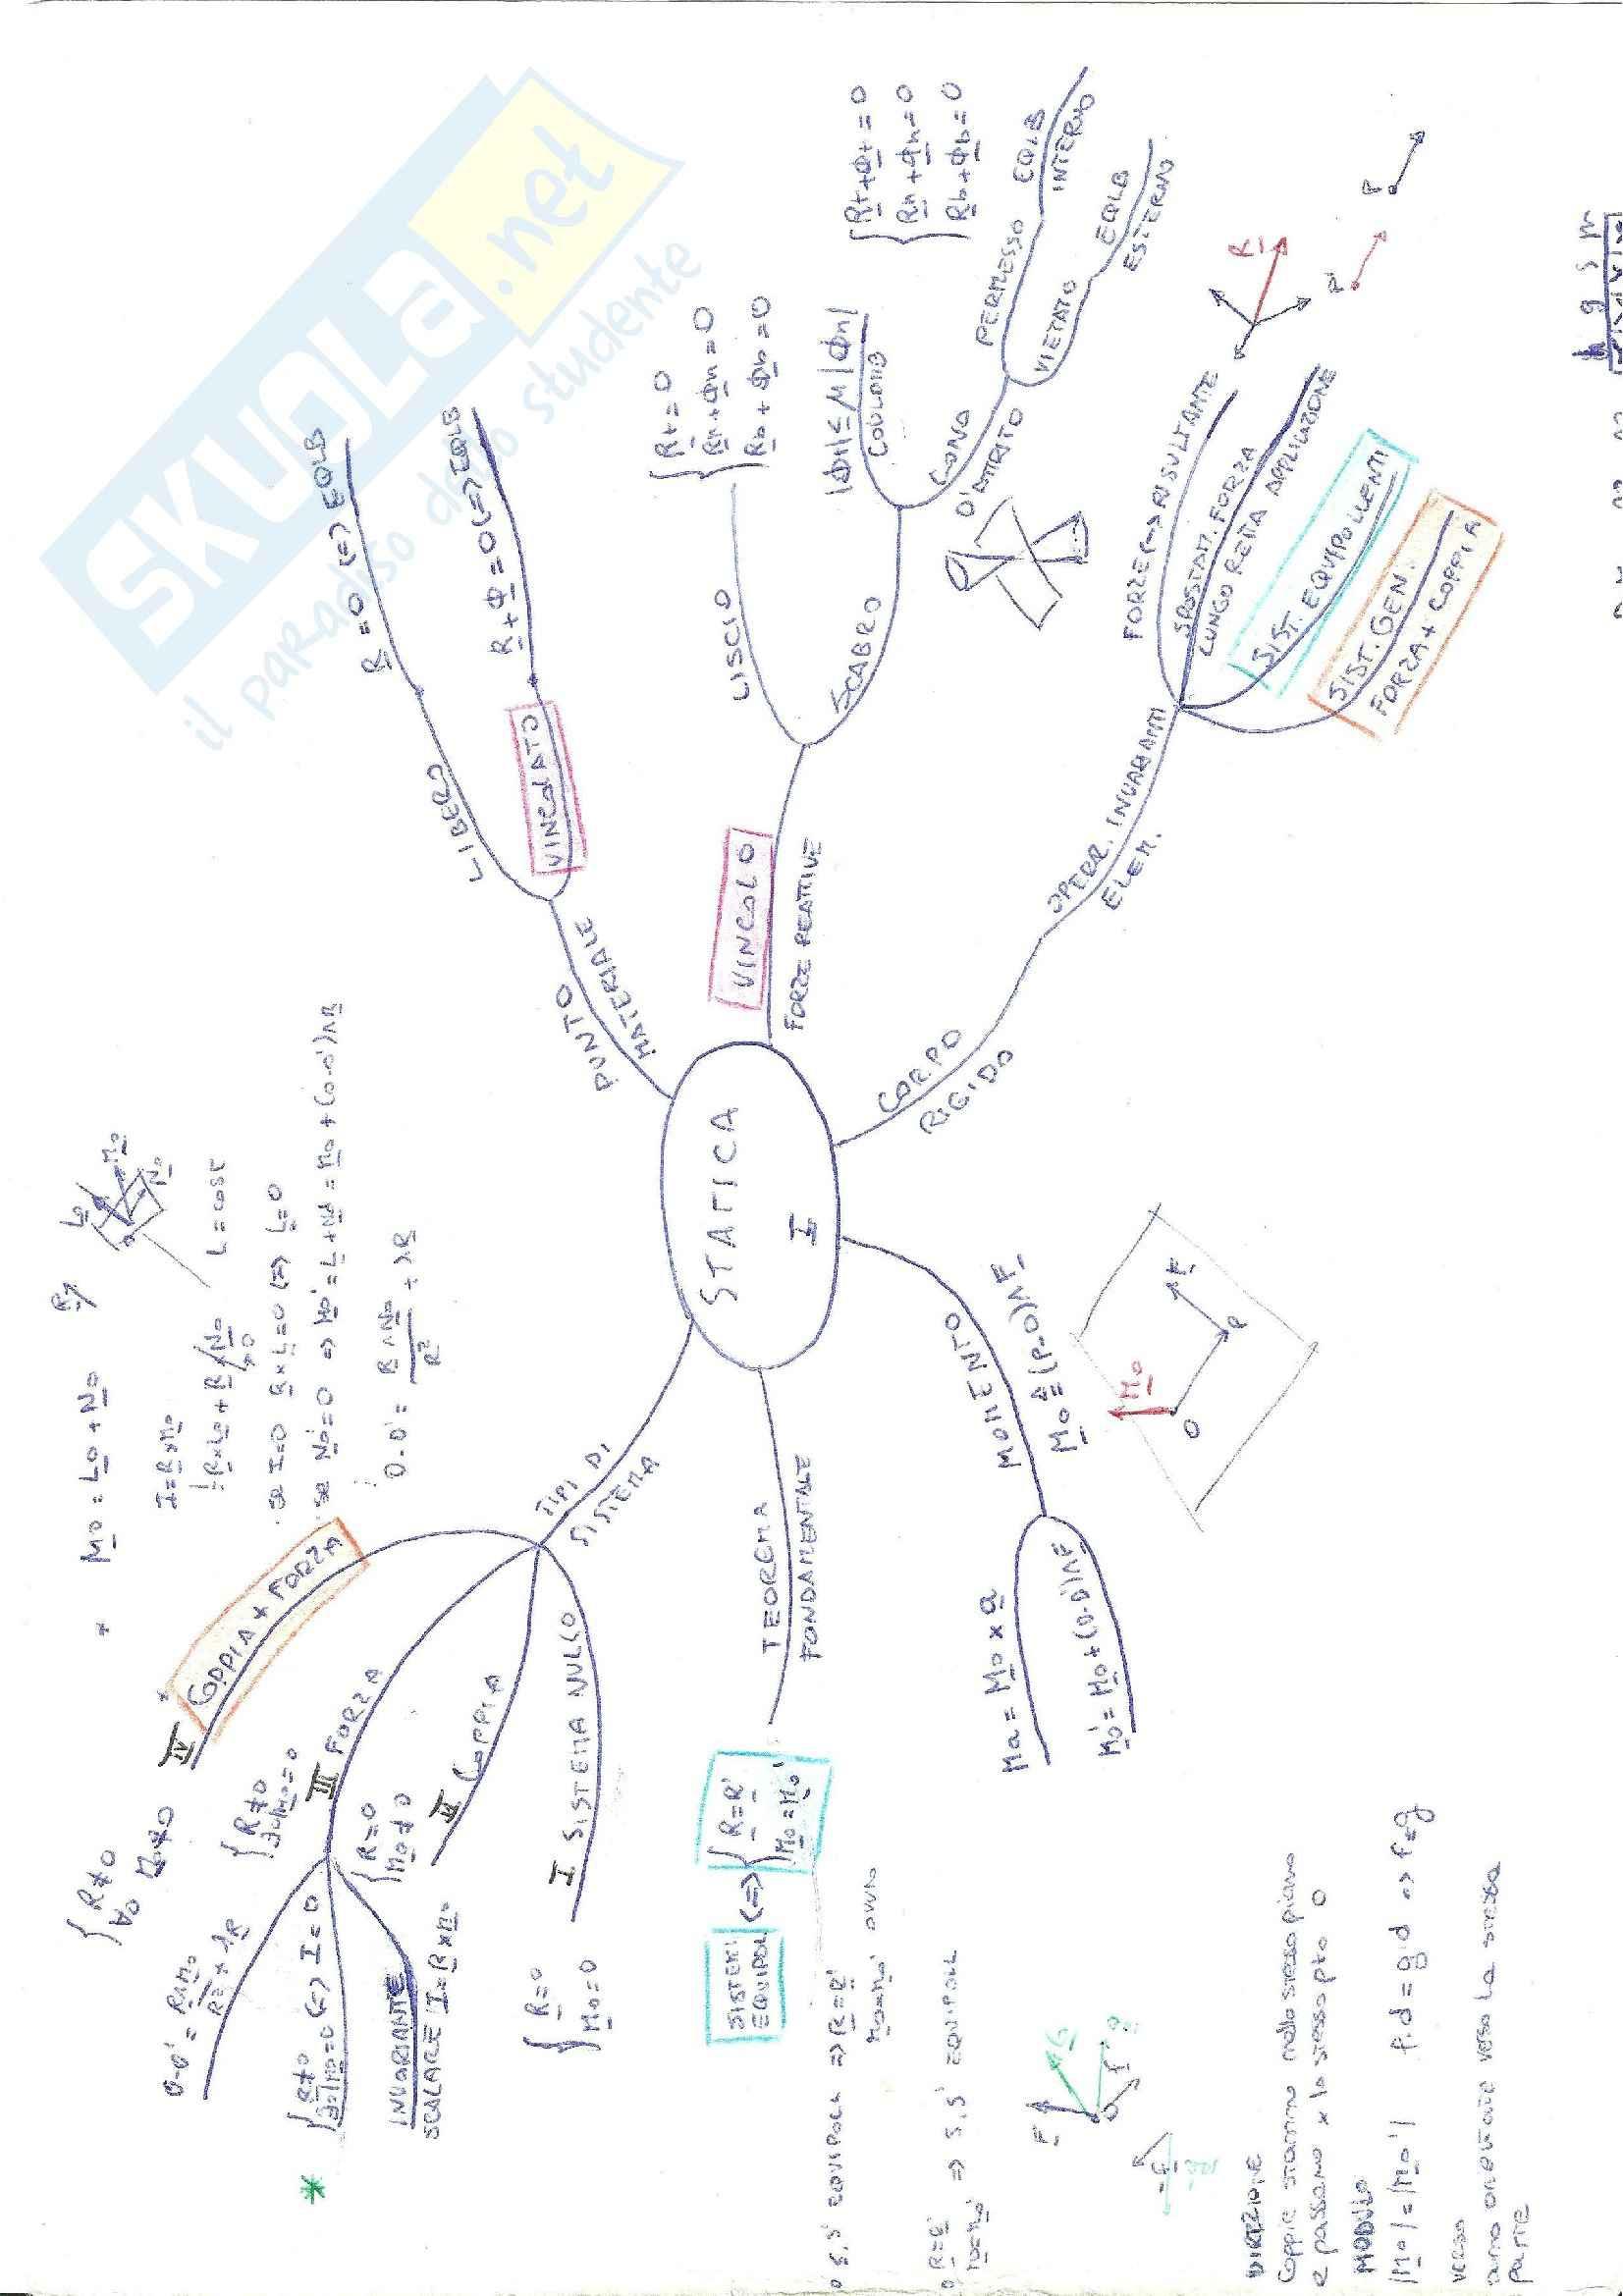 Meccanica razionale: teoria + formule